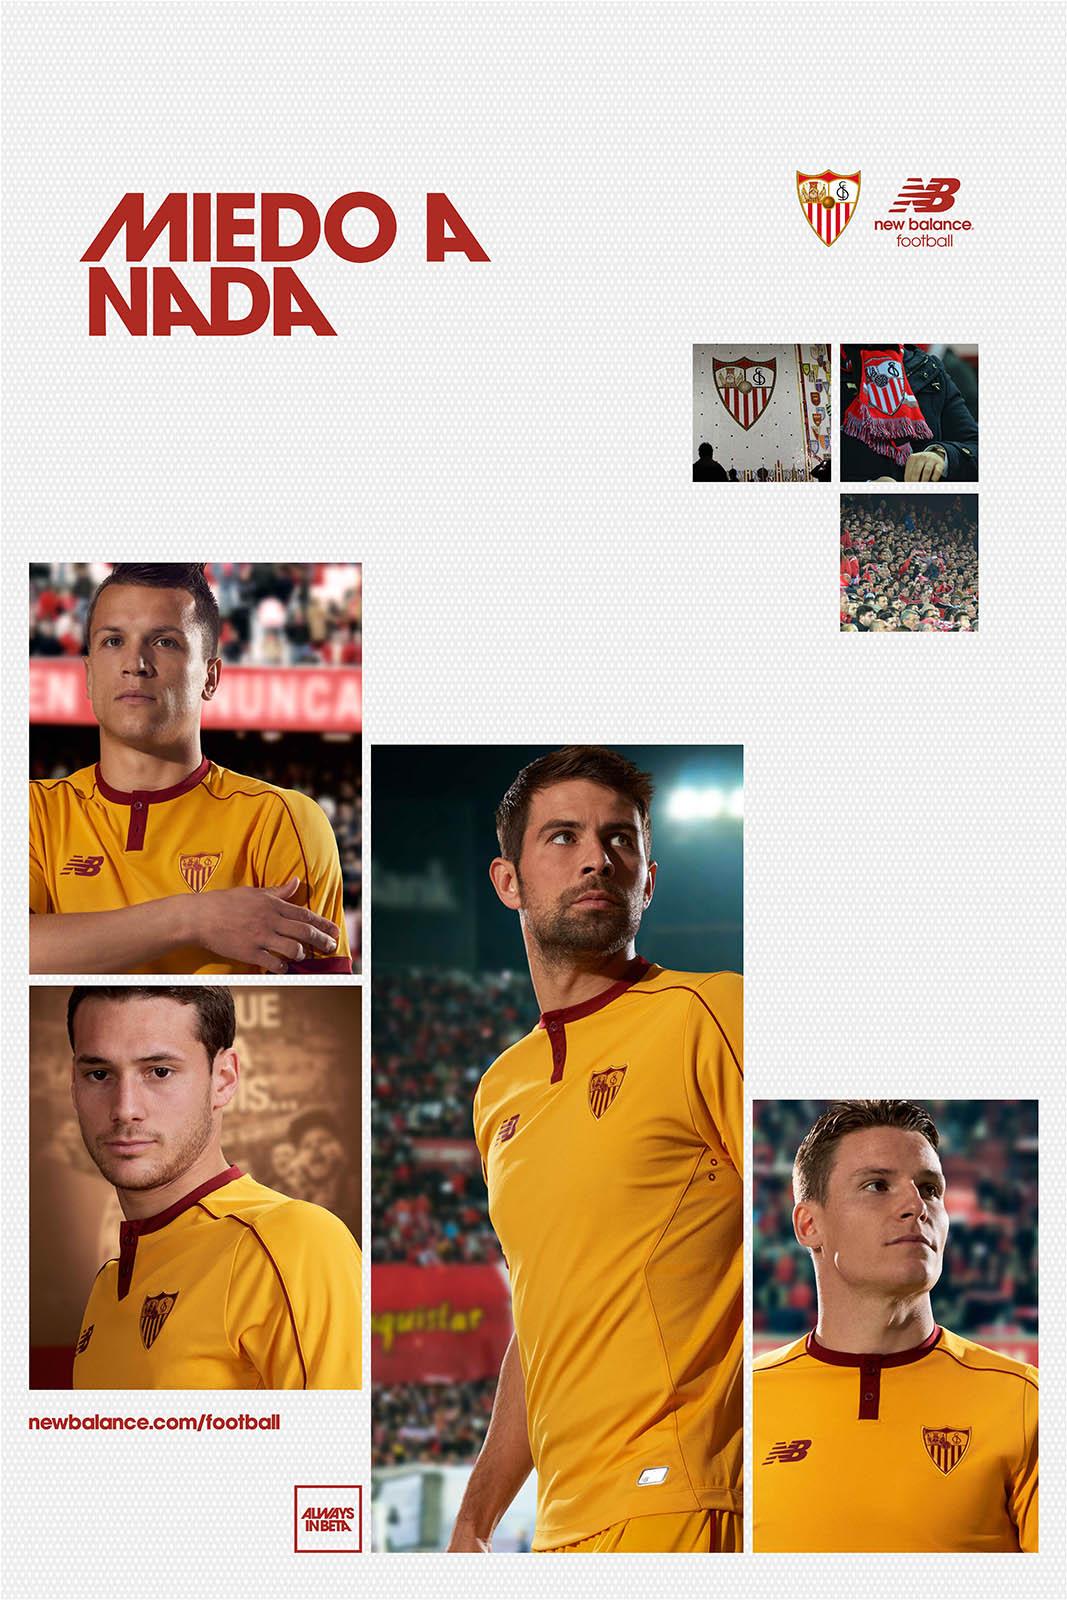 sevilla-16-17-third-kit-poster